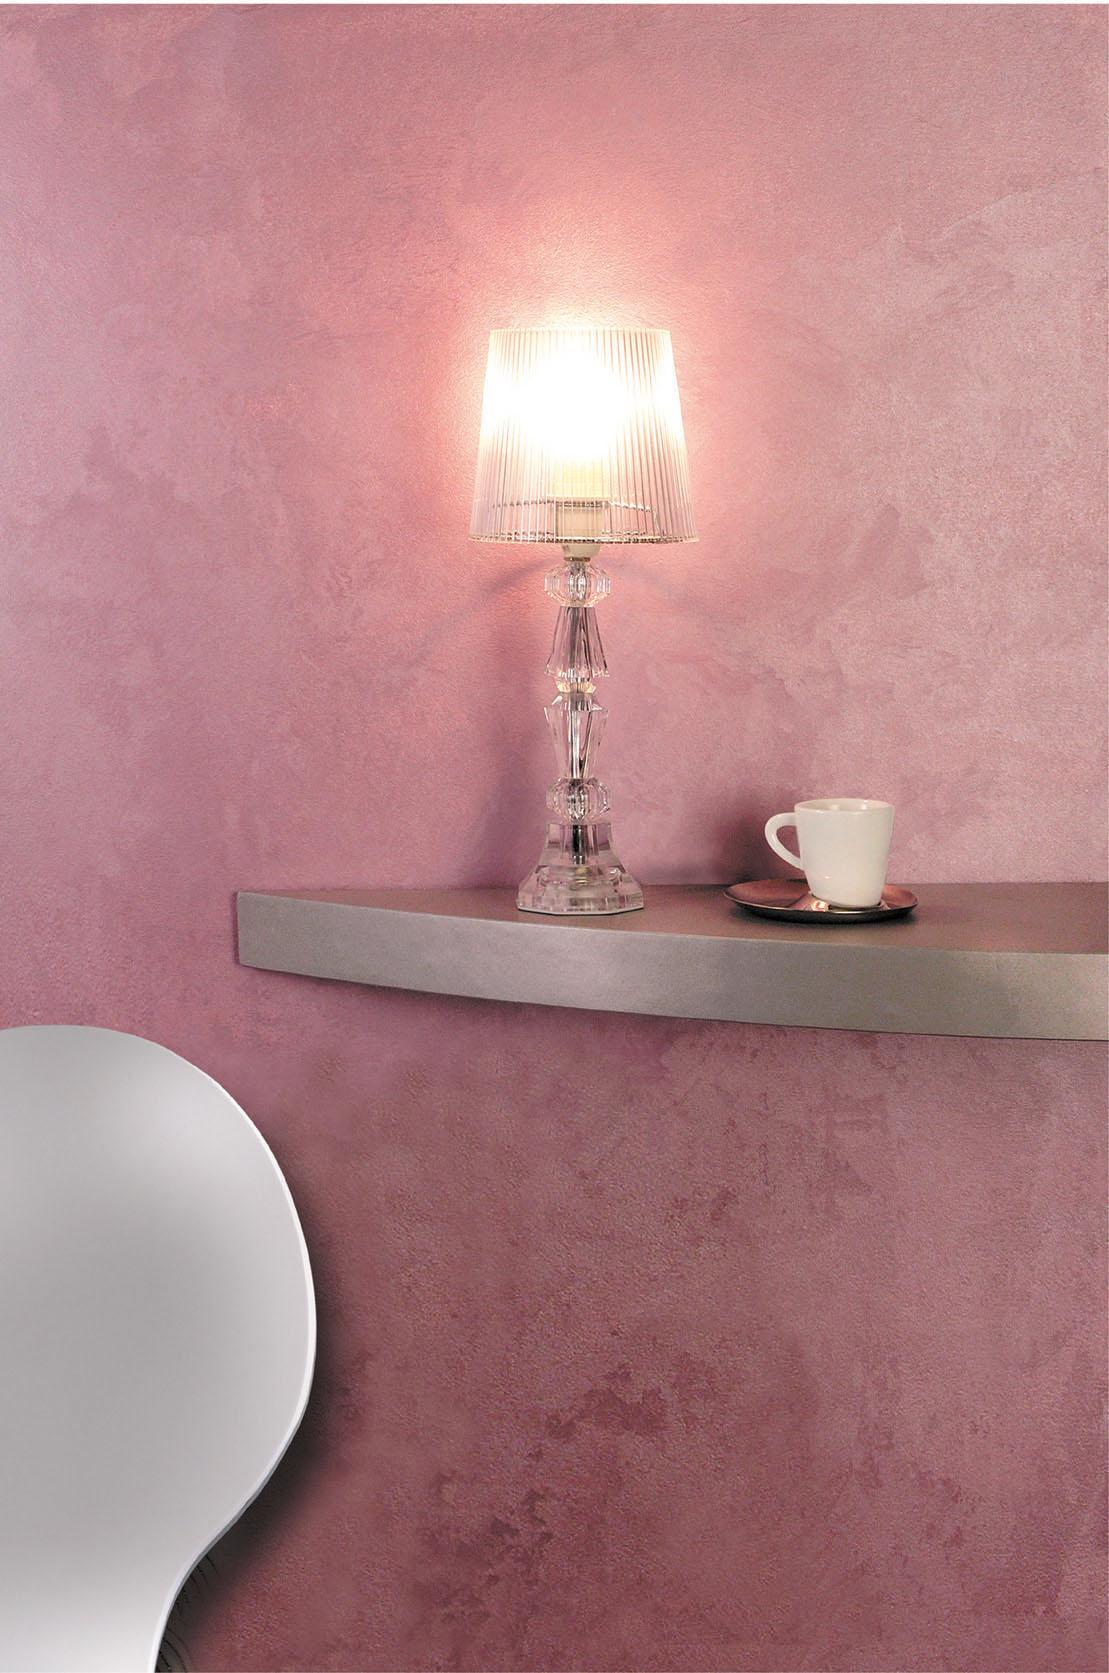 Розовая перламутровая краска в интерьере